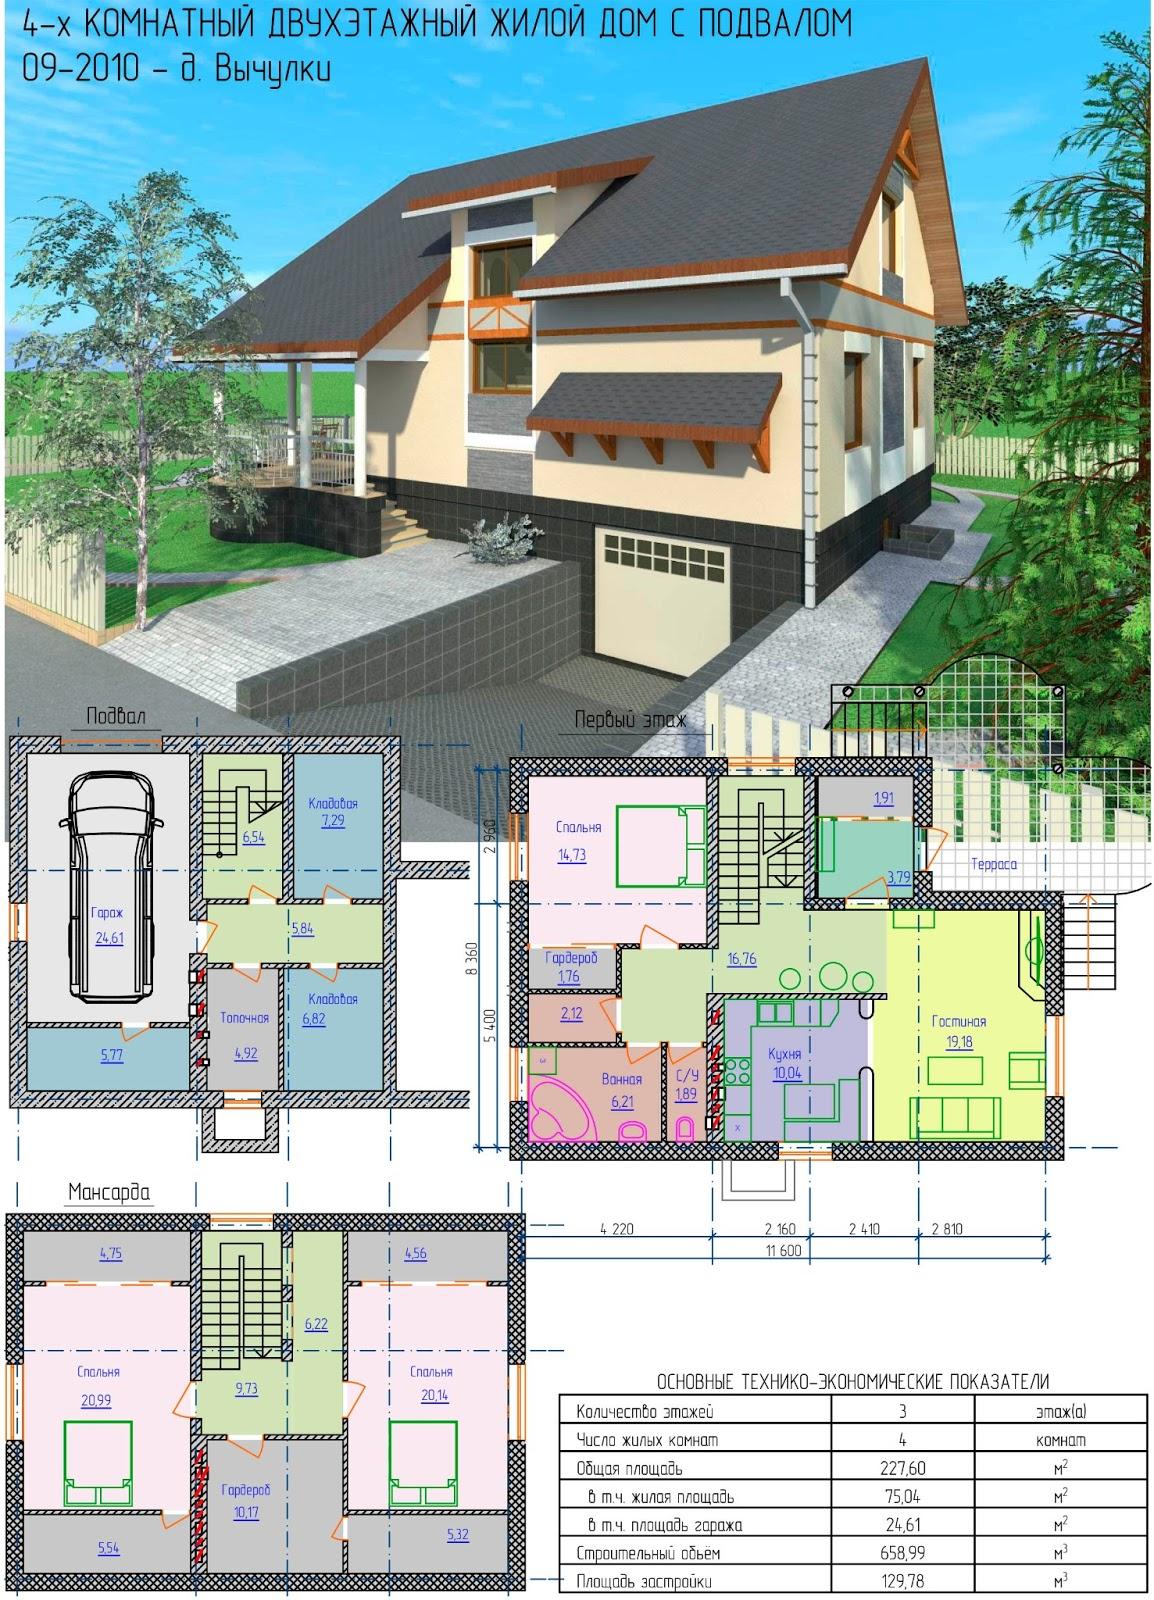 Дом на сваях: 14 проектов домов на сваях, их плюсы и минусы